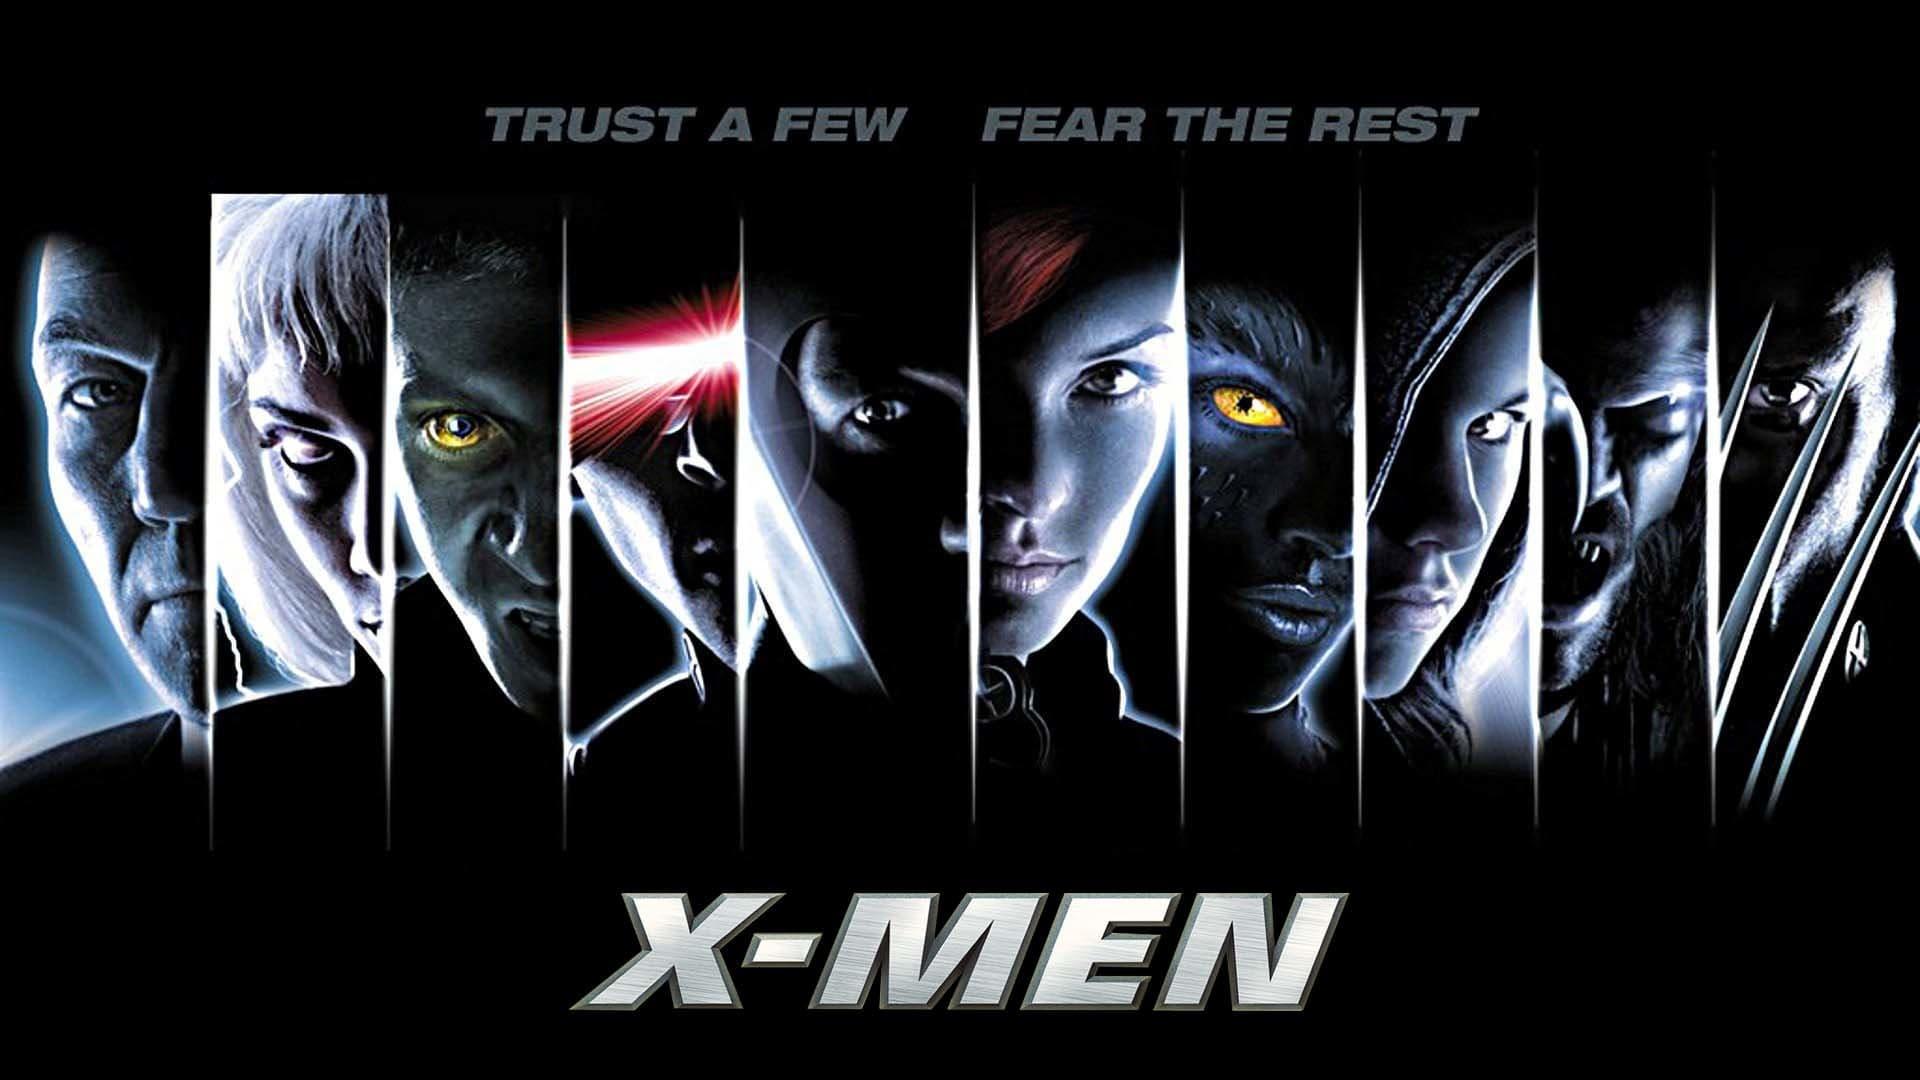 รีวิวหนัง X-Men (ศึกมนุษย์พลังเหนือโลก) ปี 2000